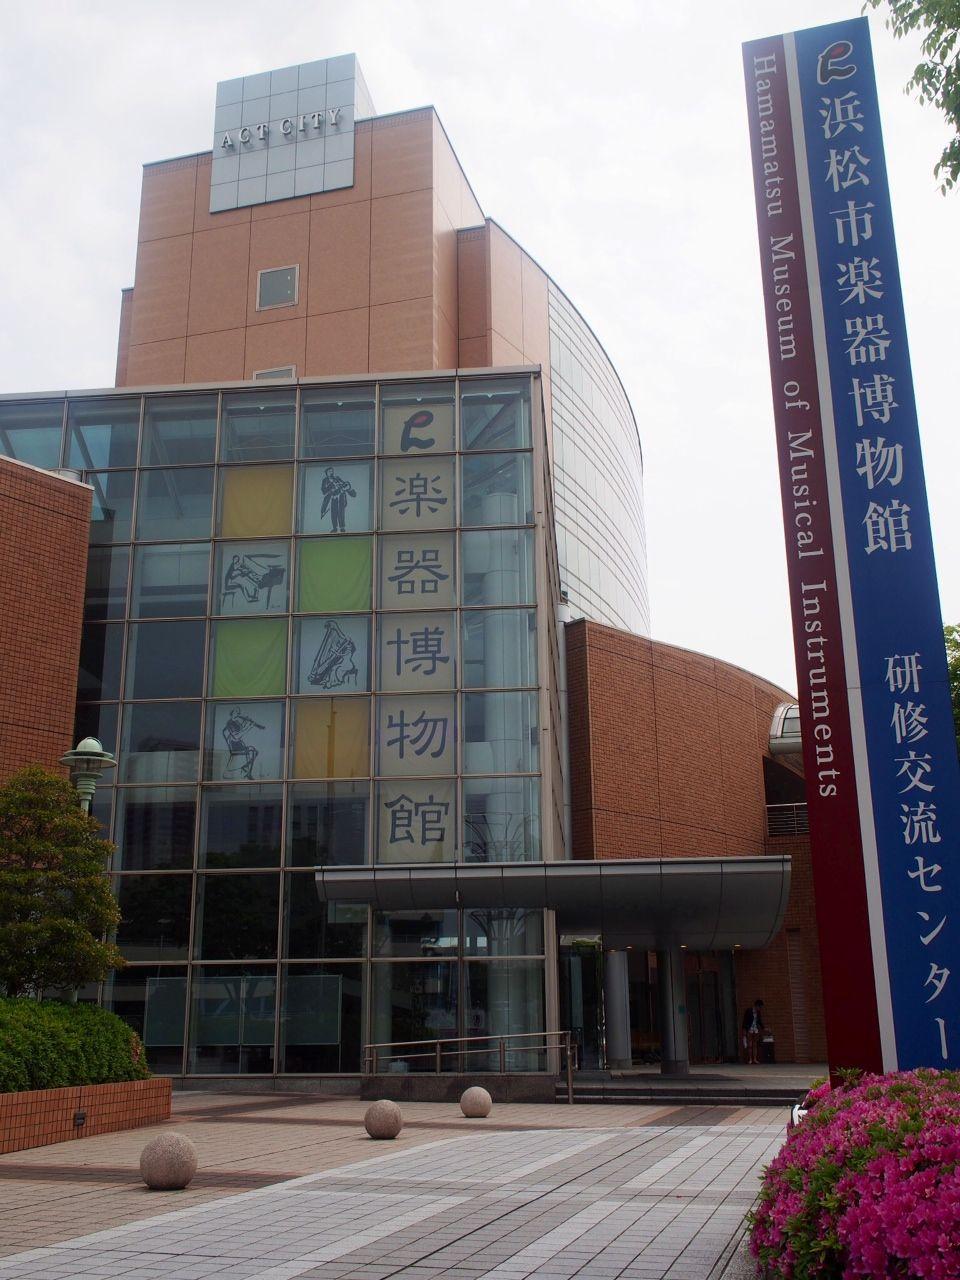 音楽好き必見!見て、聴いて、弾いて楽しむ「浜松市楽器博物館」